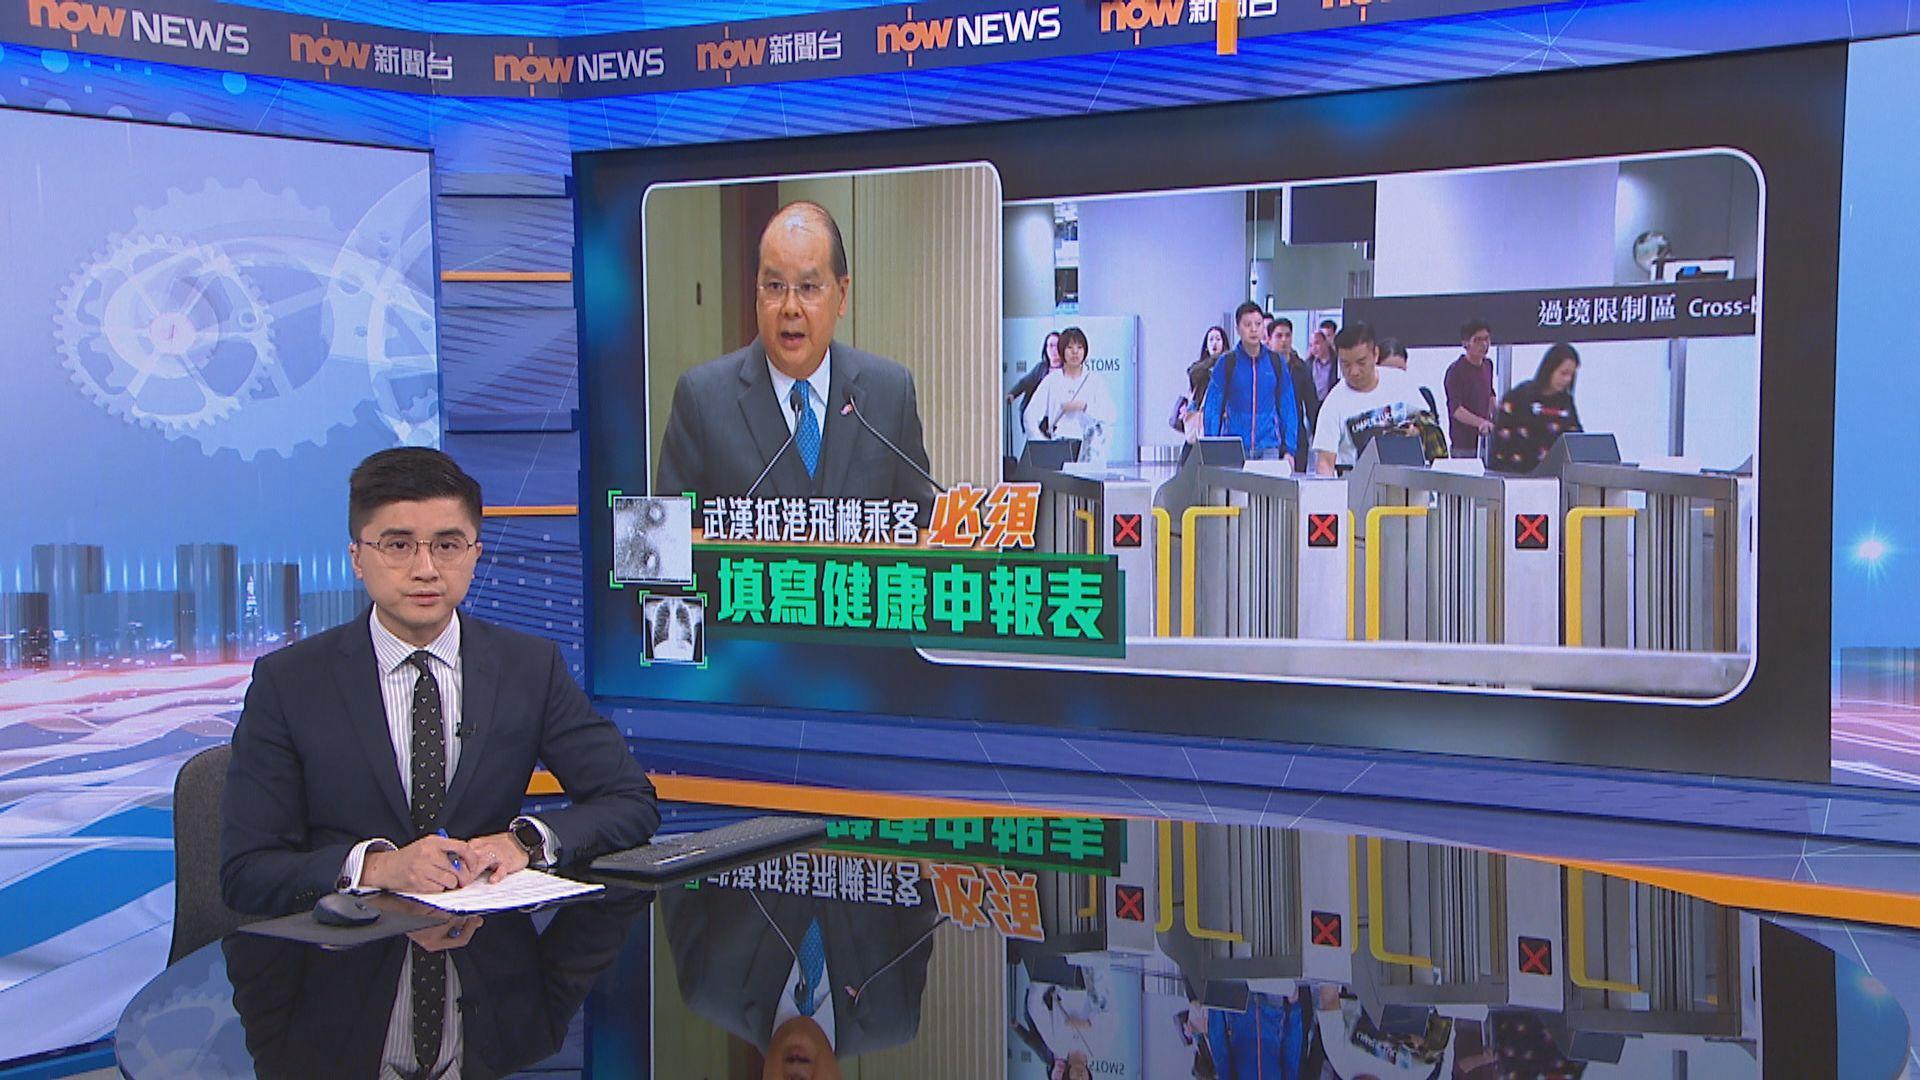 武漢抵港旅客:大多乘客戴口罩 機上無特別安排